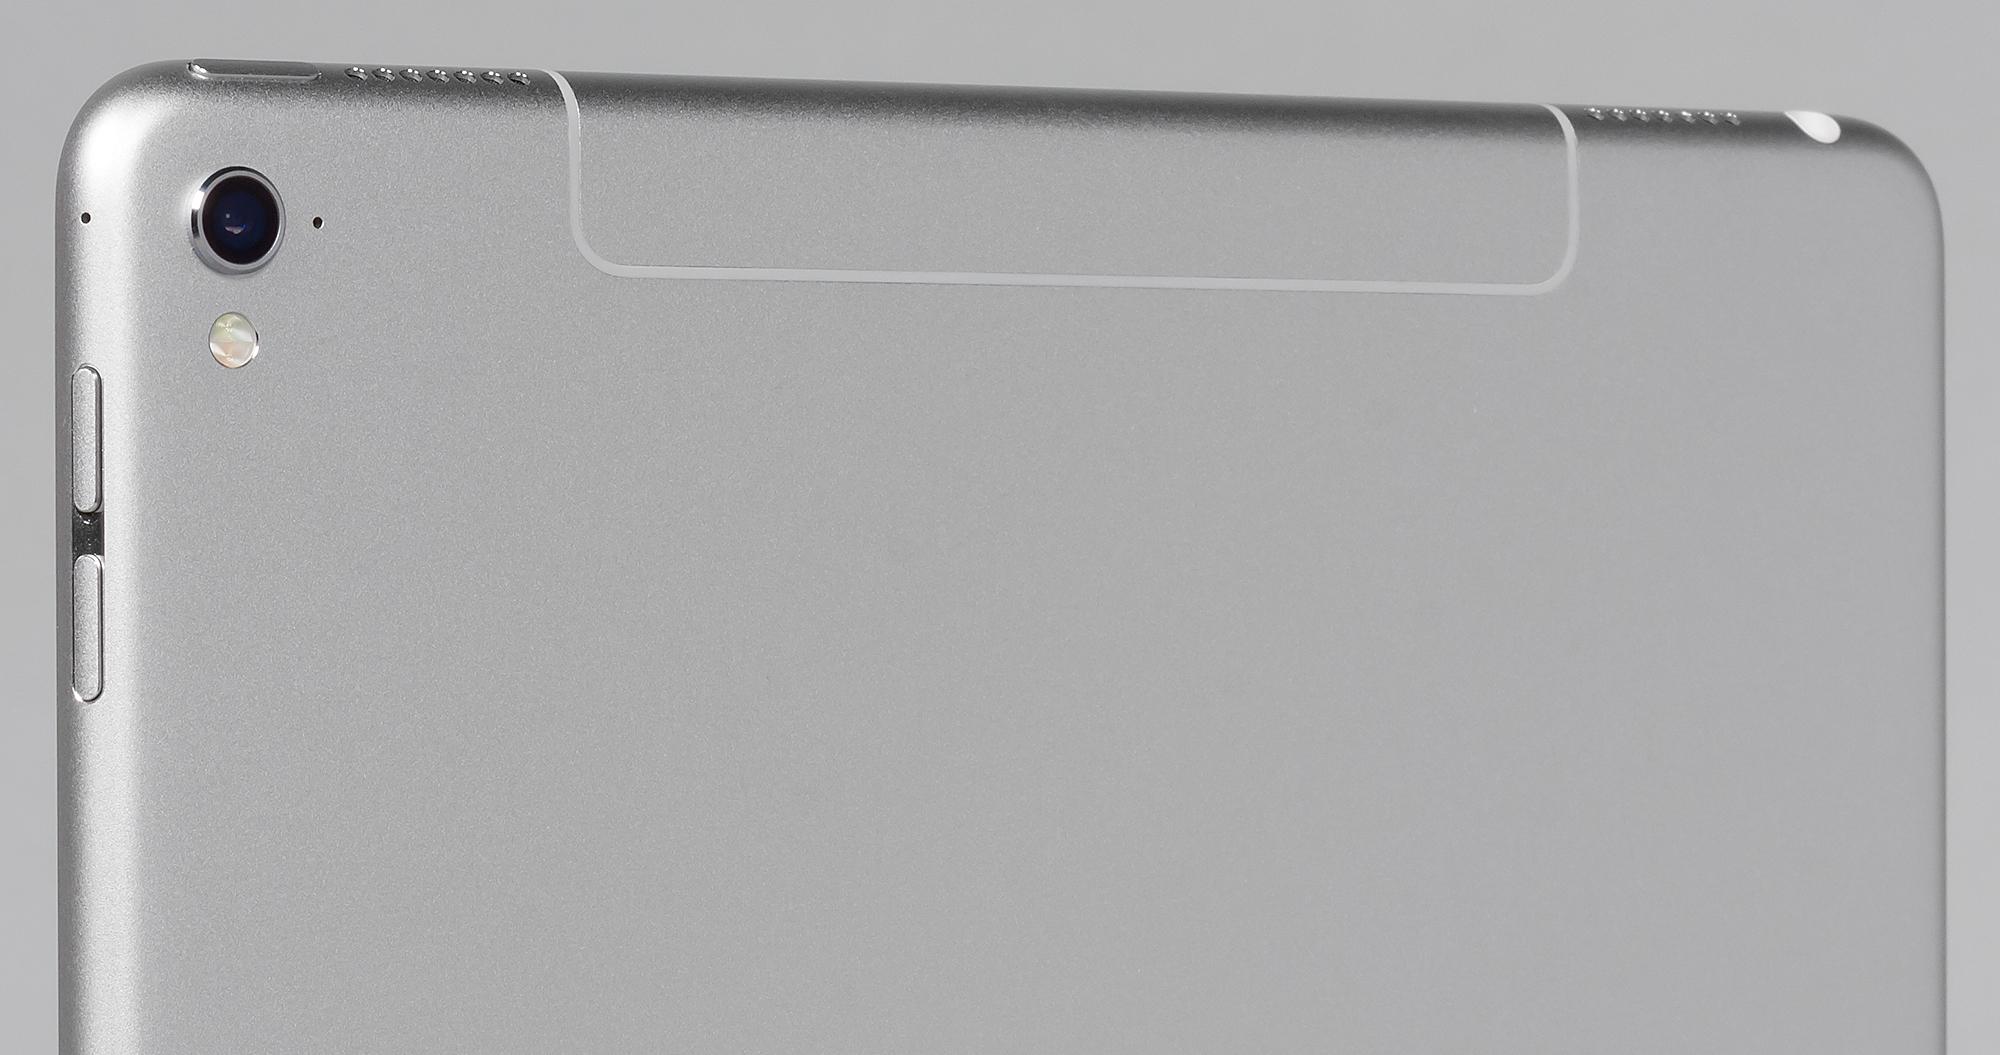 Пластиковый чехол мавик айр по низкой цене защита камеры мягкая спарк комбо наложенным платежом